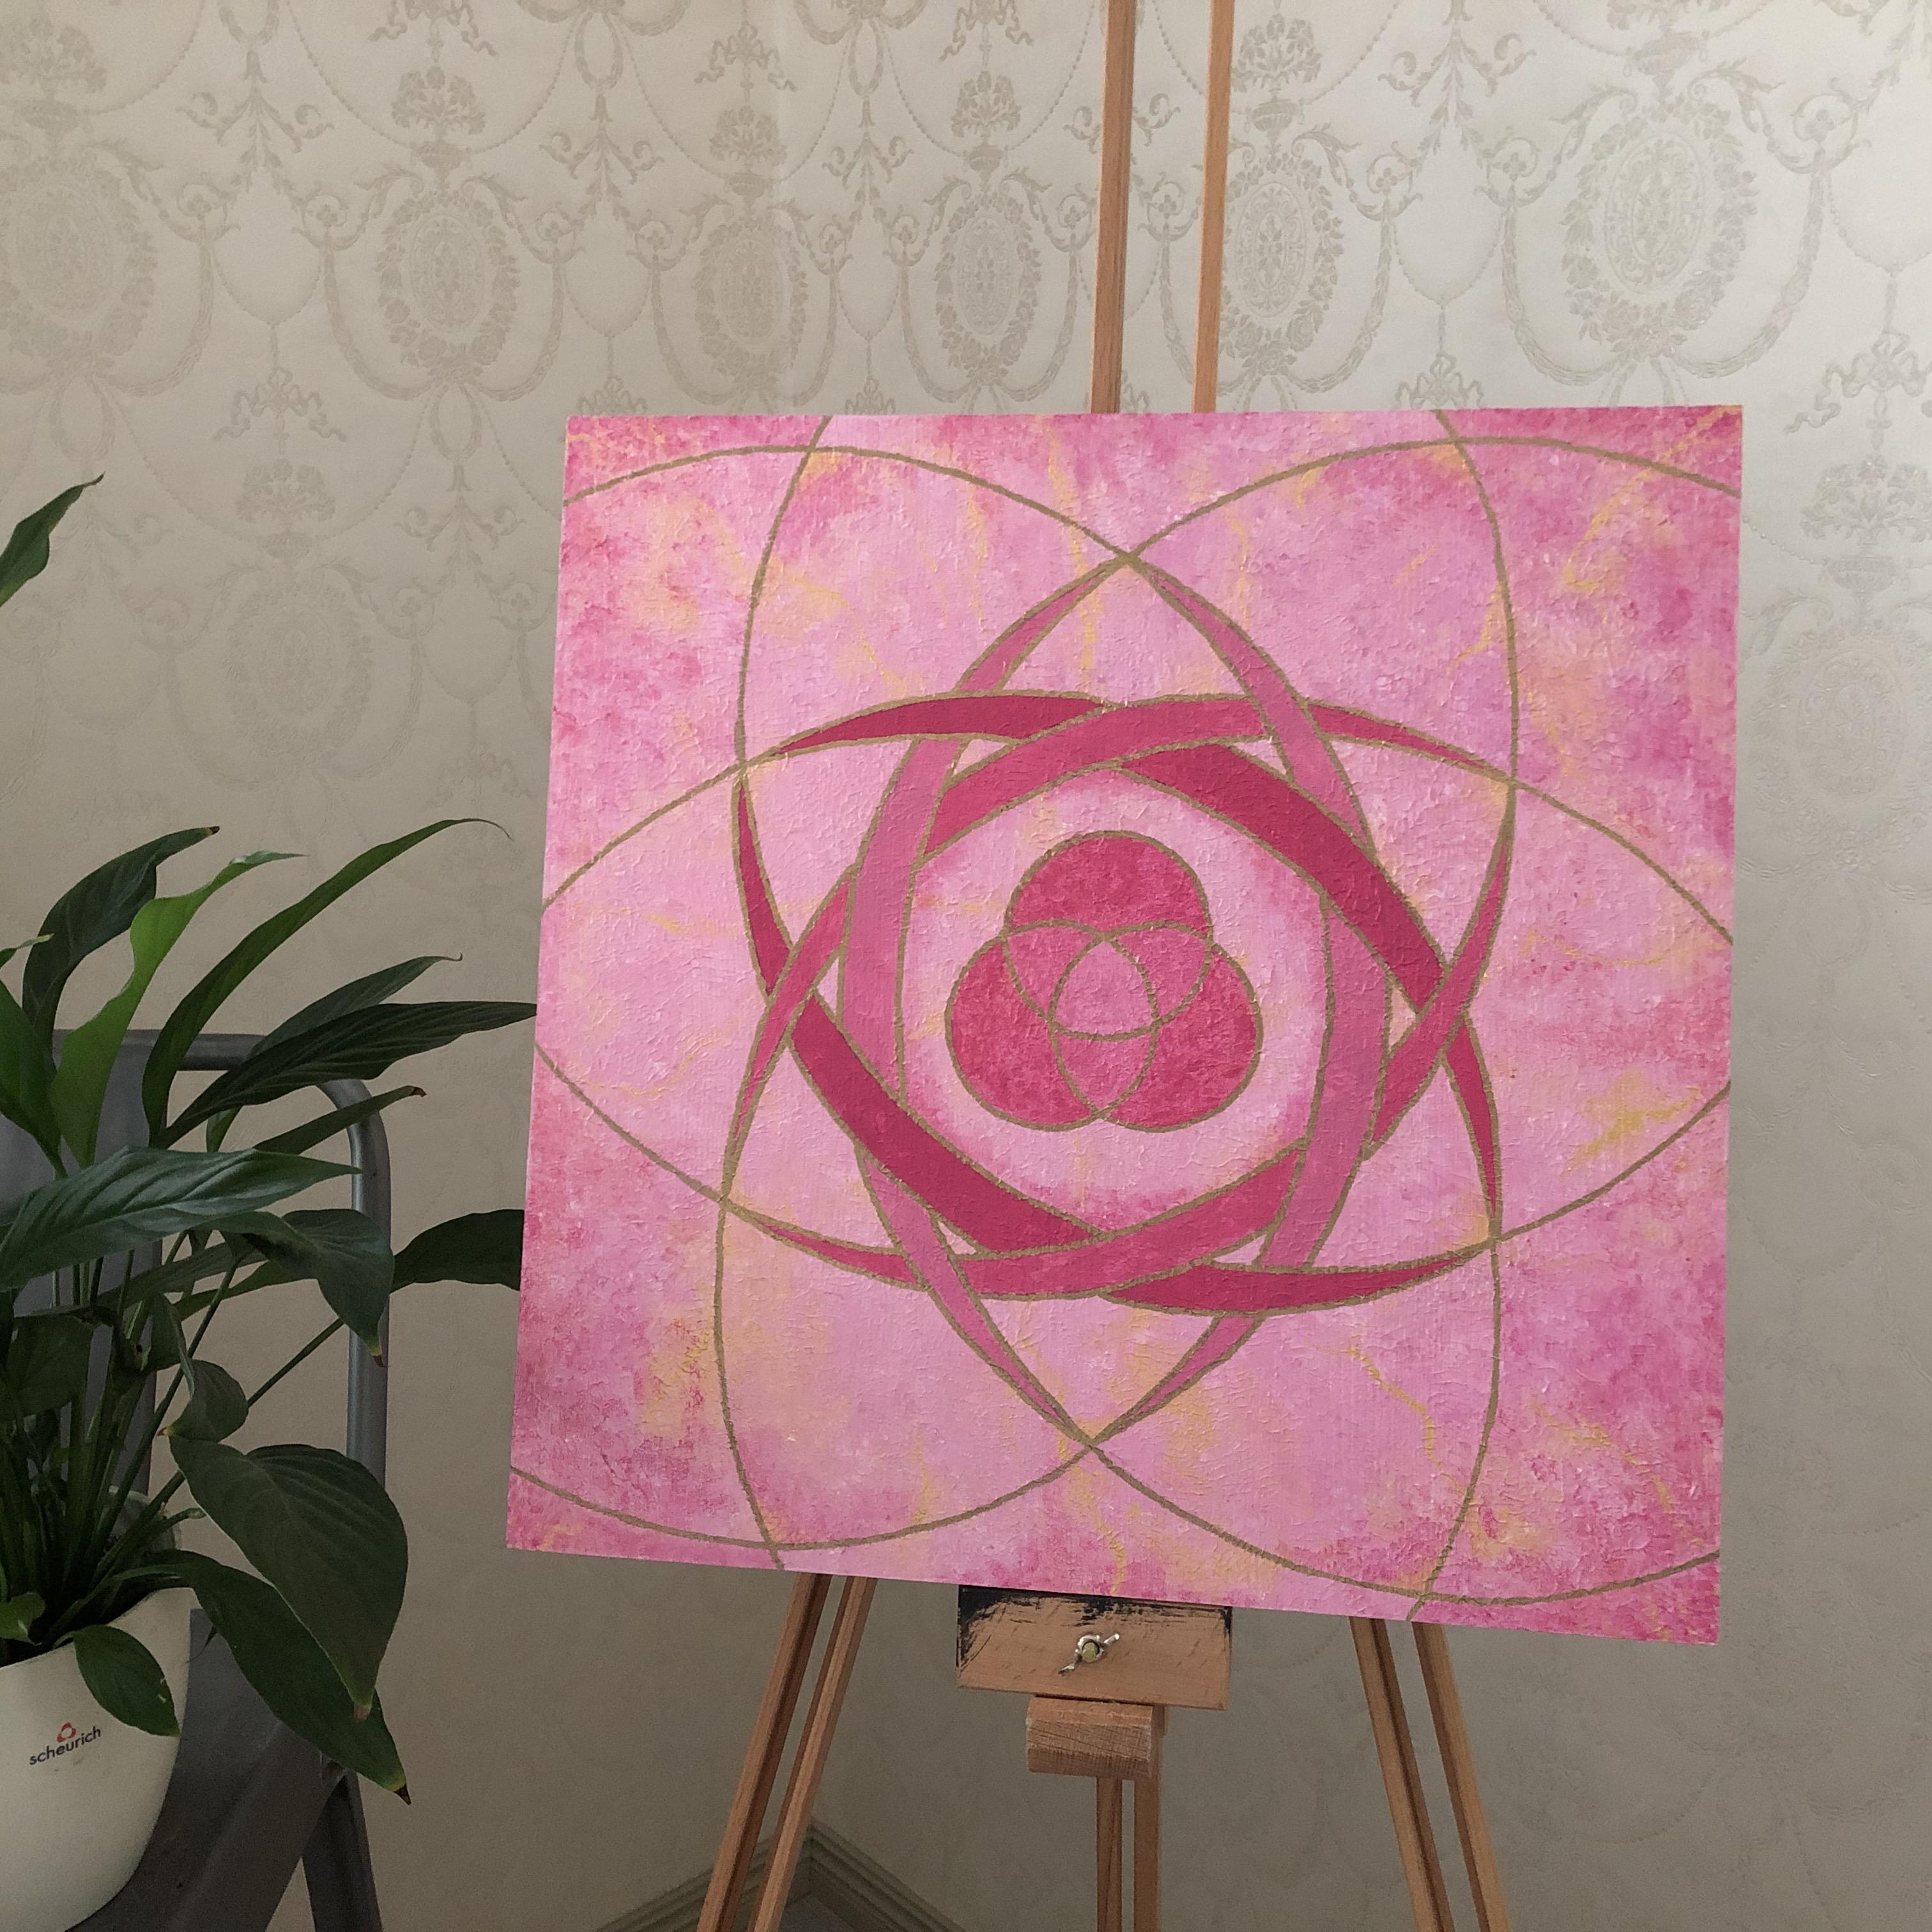 Pyhät geometriset taulut: Sydäntietoisuus